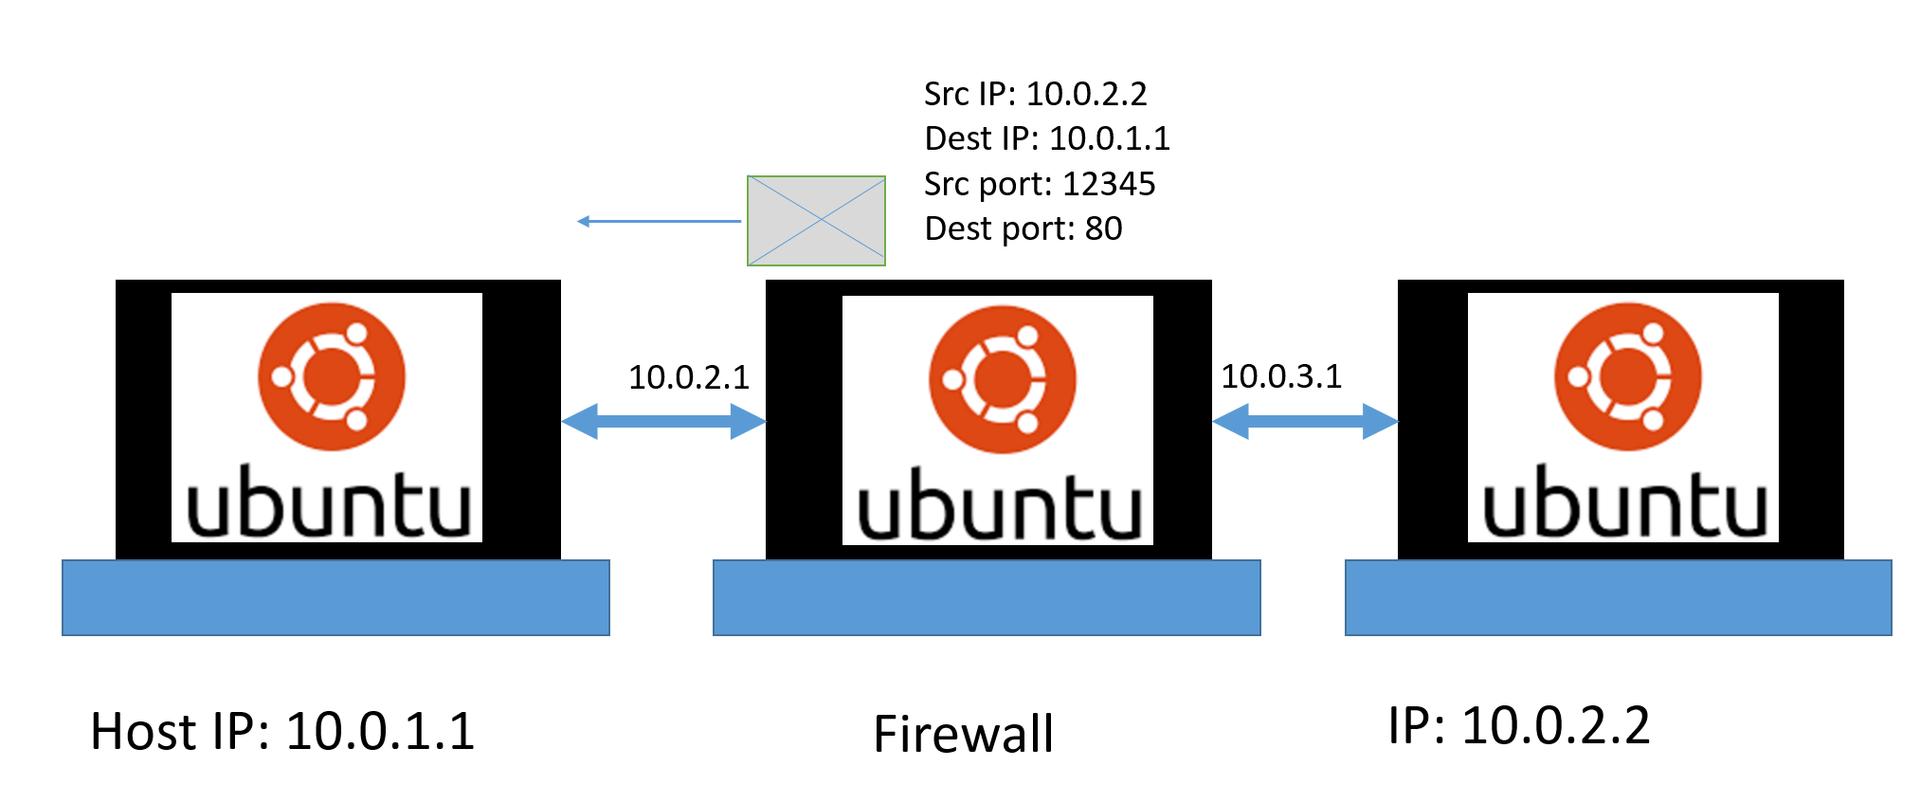 Создание и тестирование Firewall в Linux, Часть 2.1. Введение во вторую часть. Смотрим на сеть и протоколы. Wireshark - 3